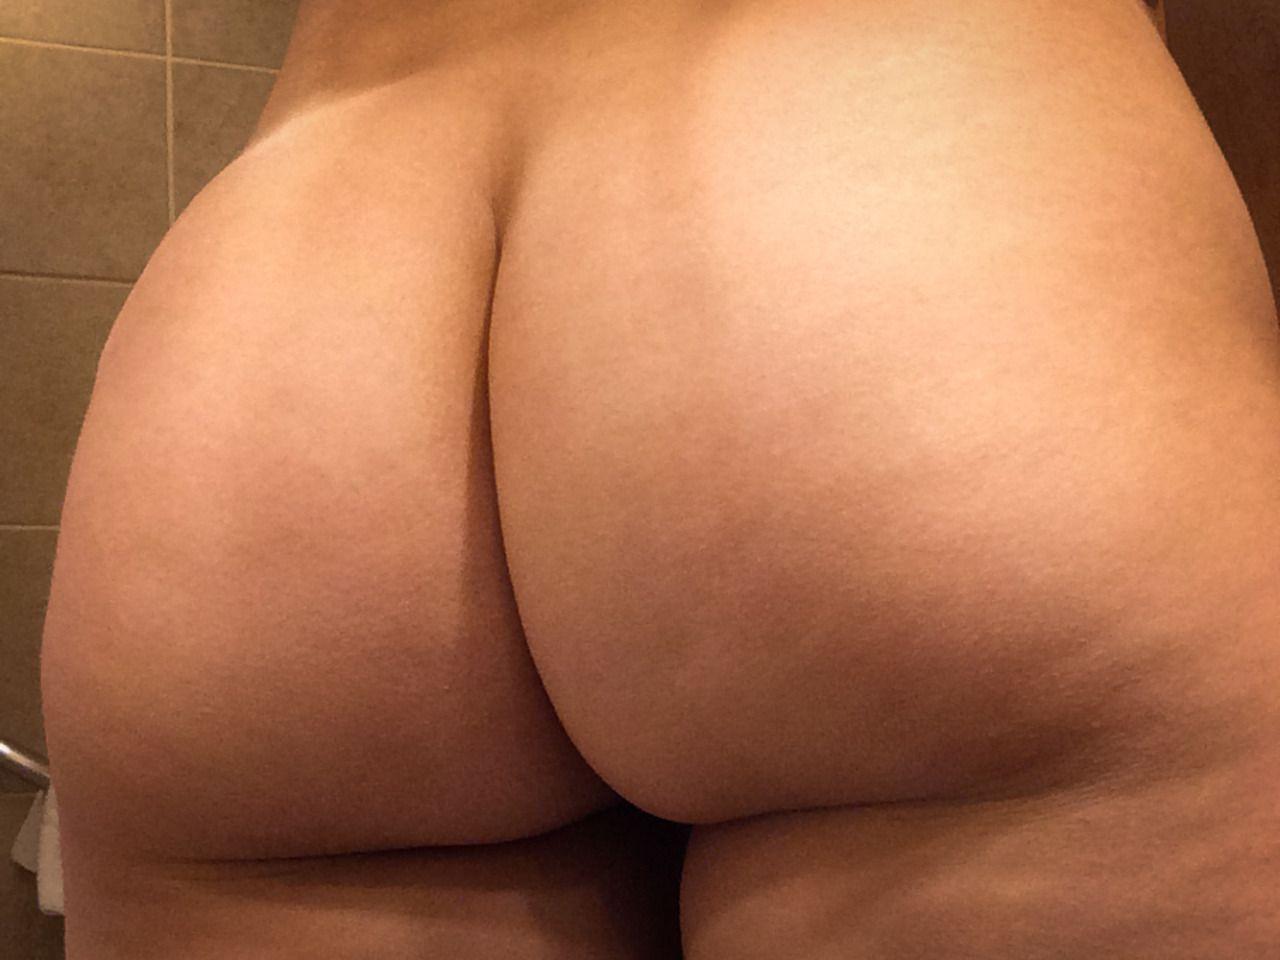 Русская красивая жопа фото, Шикарные задницы русских женщин частное порно фото 25 фотография